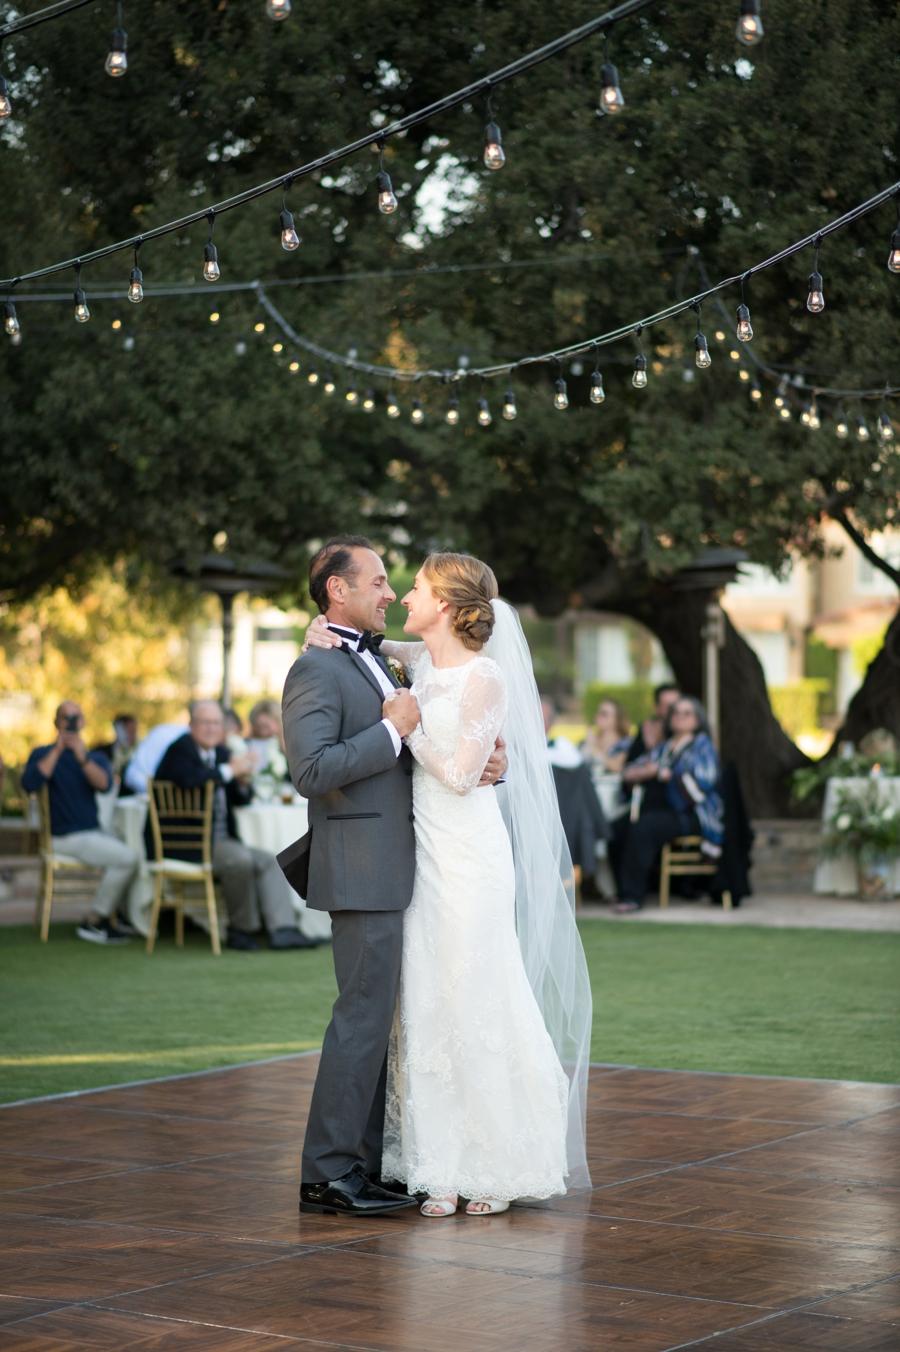 SoCal_Burbank_Hollywood_Wedding_JC_031.jpg